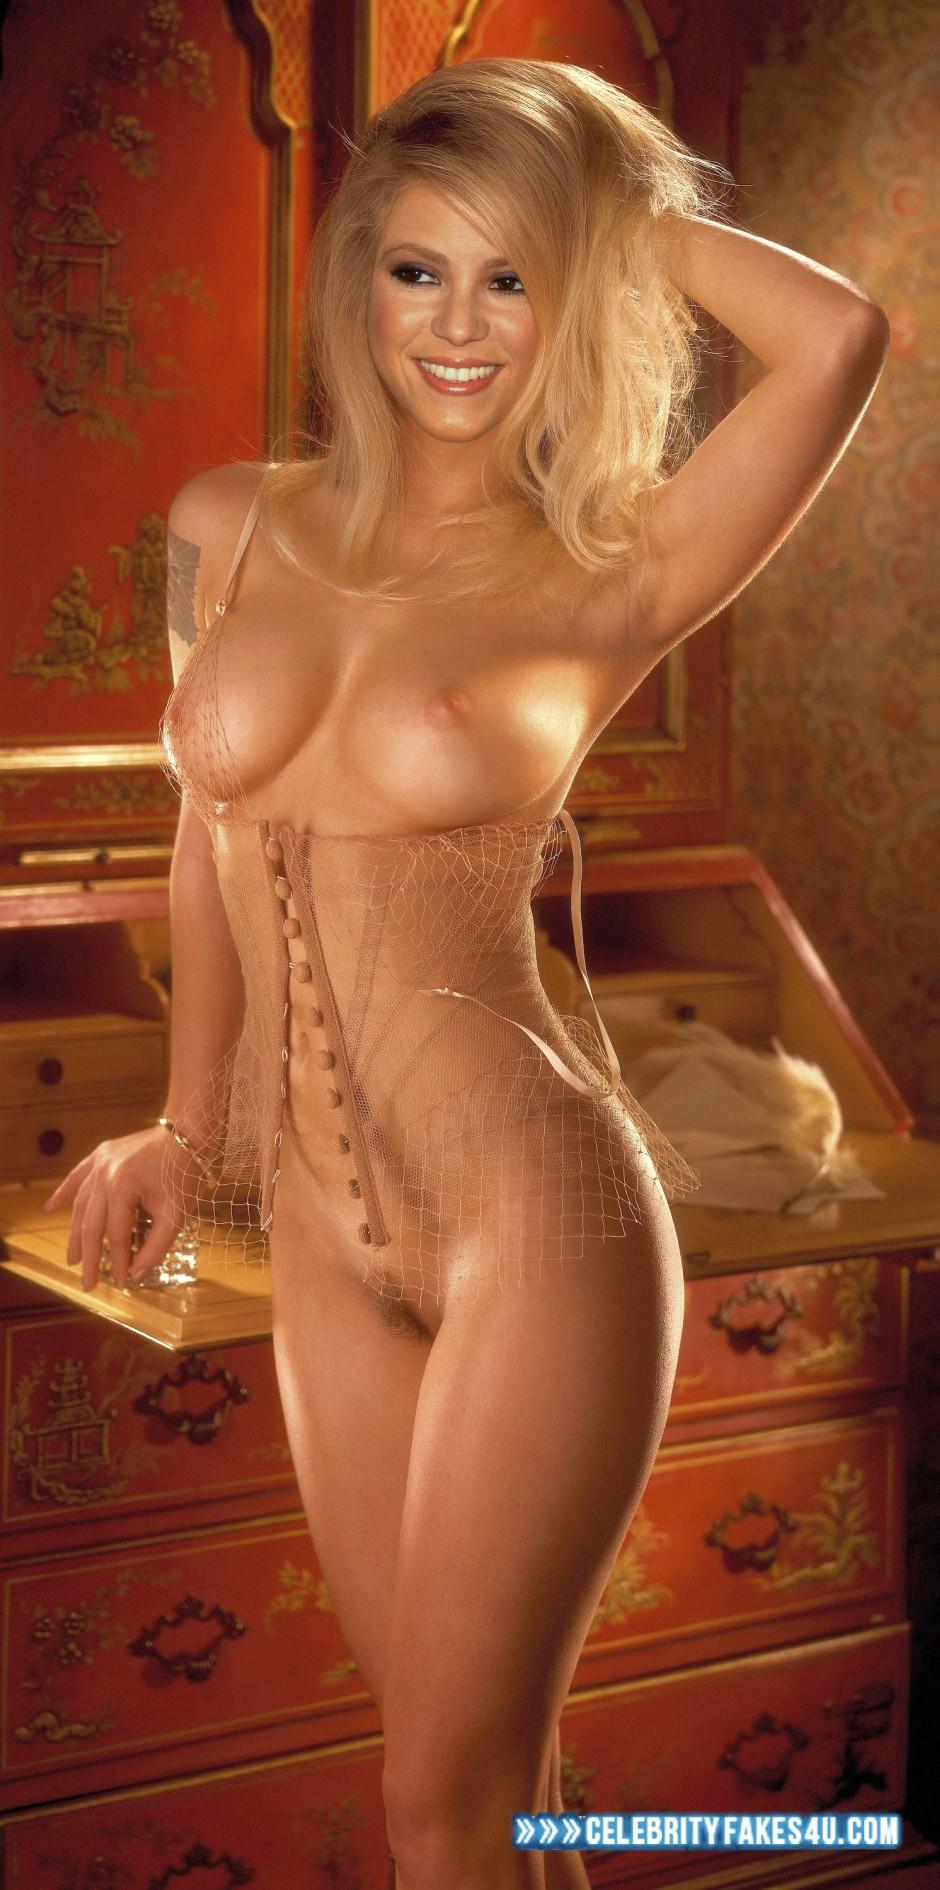 Naked pics of maureen ohara